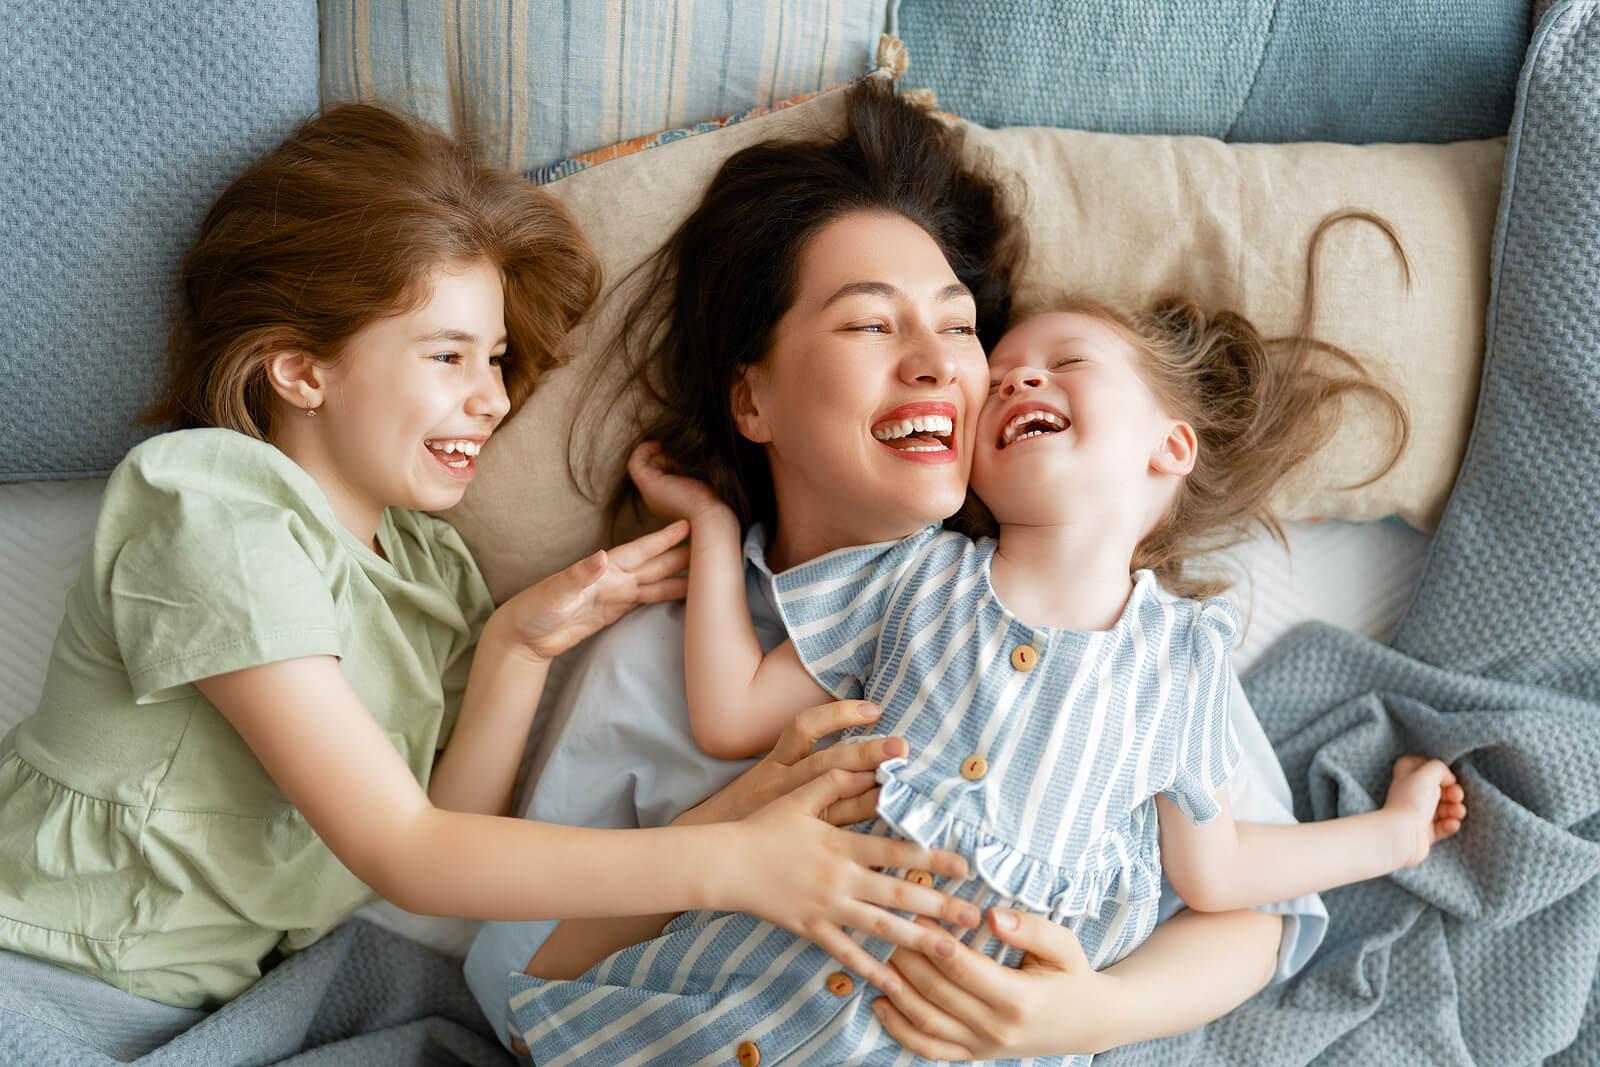 Despertar a los hijos con una sonrisa es uno de los hábitos que fortalecen la relación con ellos.